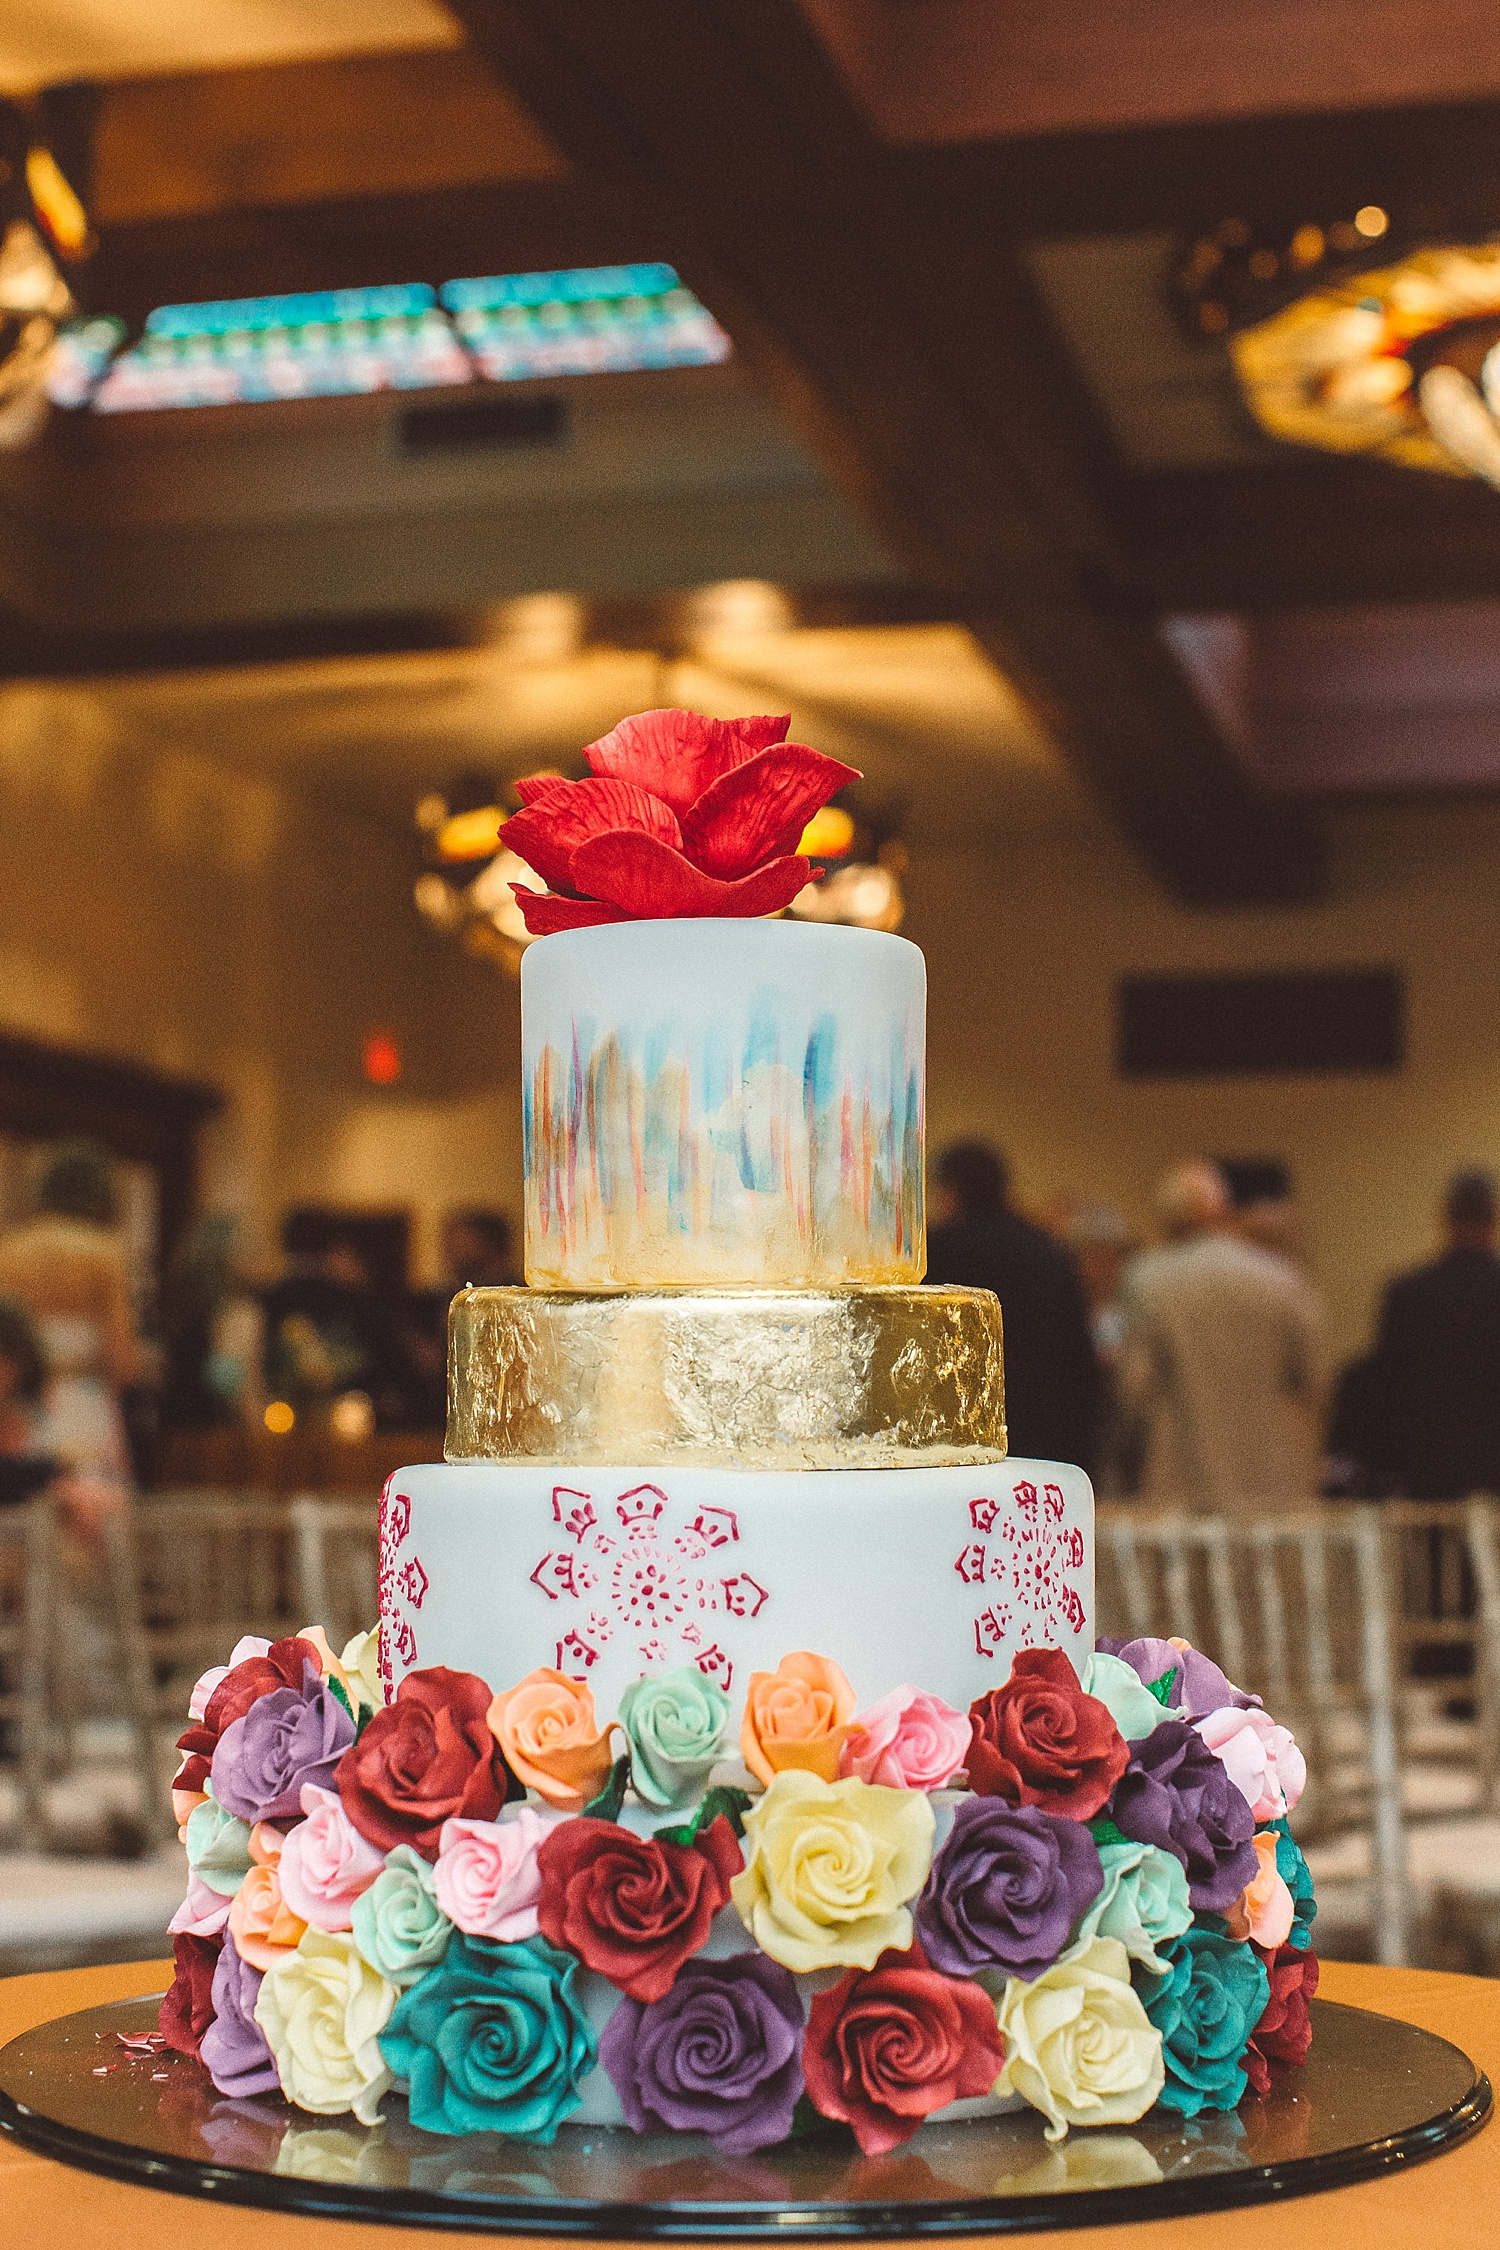 Alicia+lucia+photography+-+albuquerque+wedding+photographer+-+albuquerque+wedding+photography+-+new+mexico+wedding+photographer+-+new+mexico+wedding+cake_0036.jpg